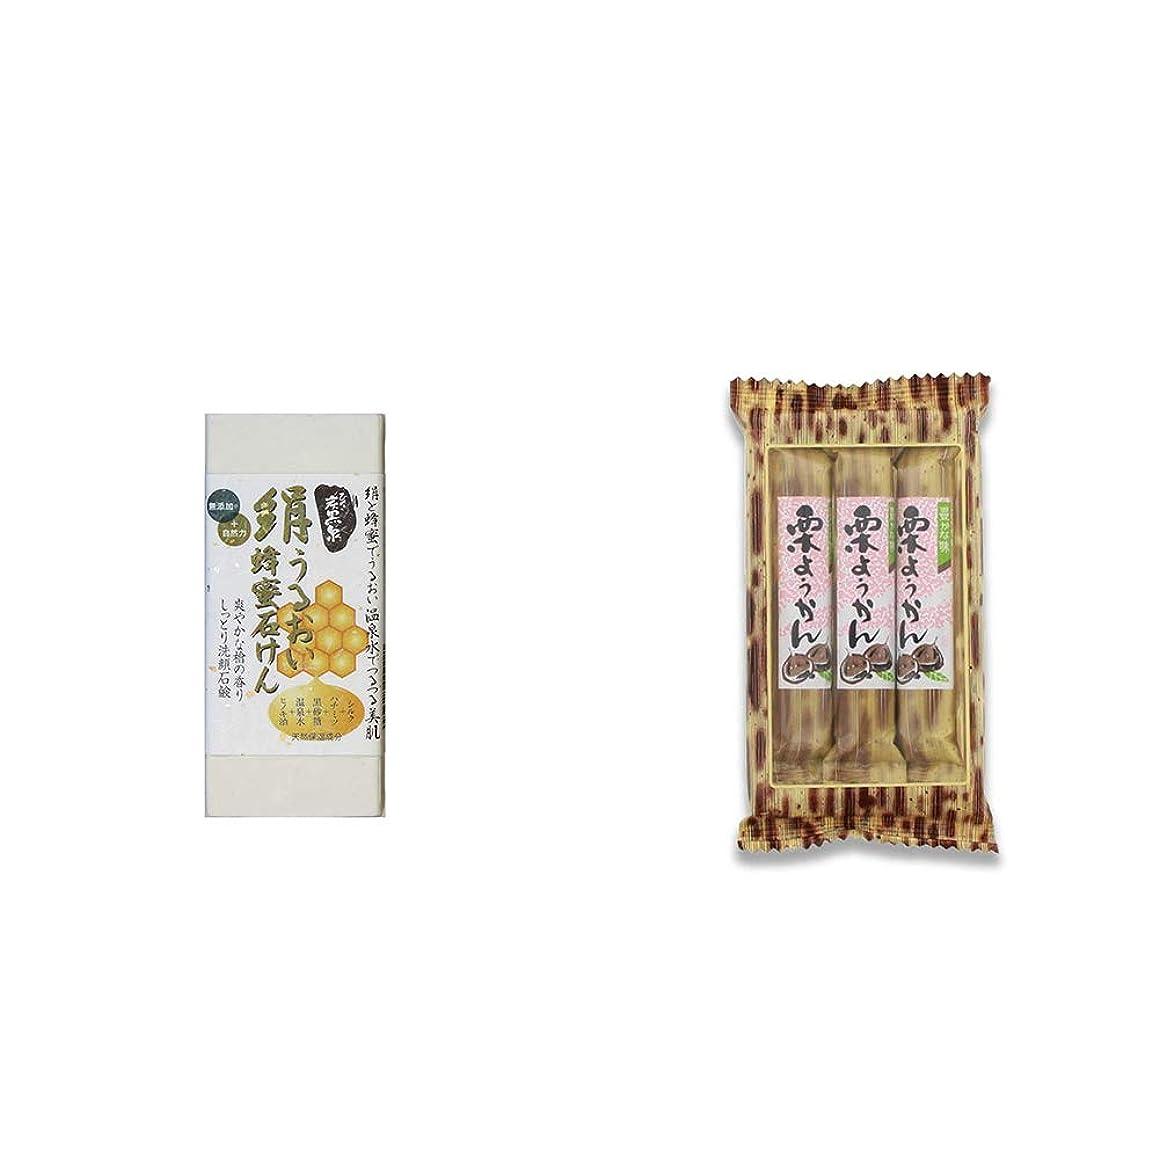 キャップ人里離れたぎこちない[2点セット] ひのき炭黒泉 絹うるおい蜂蜜石けん(75g×2)?スティックようかん[栗](50g×3本)